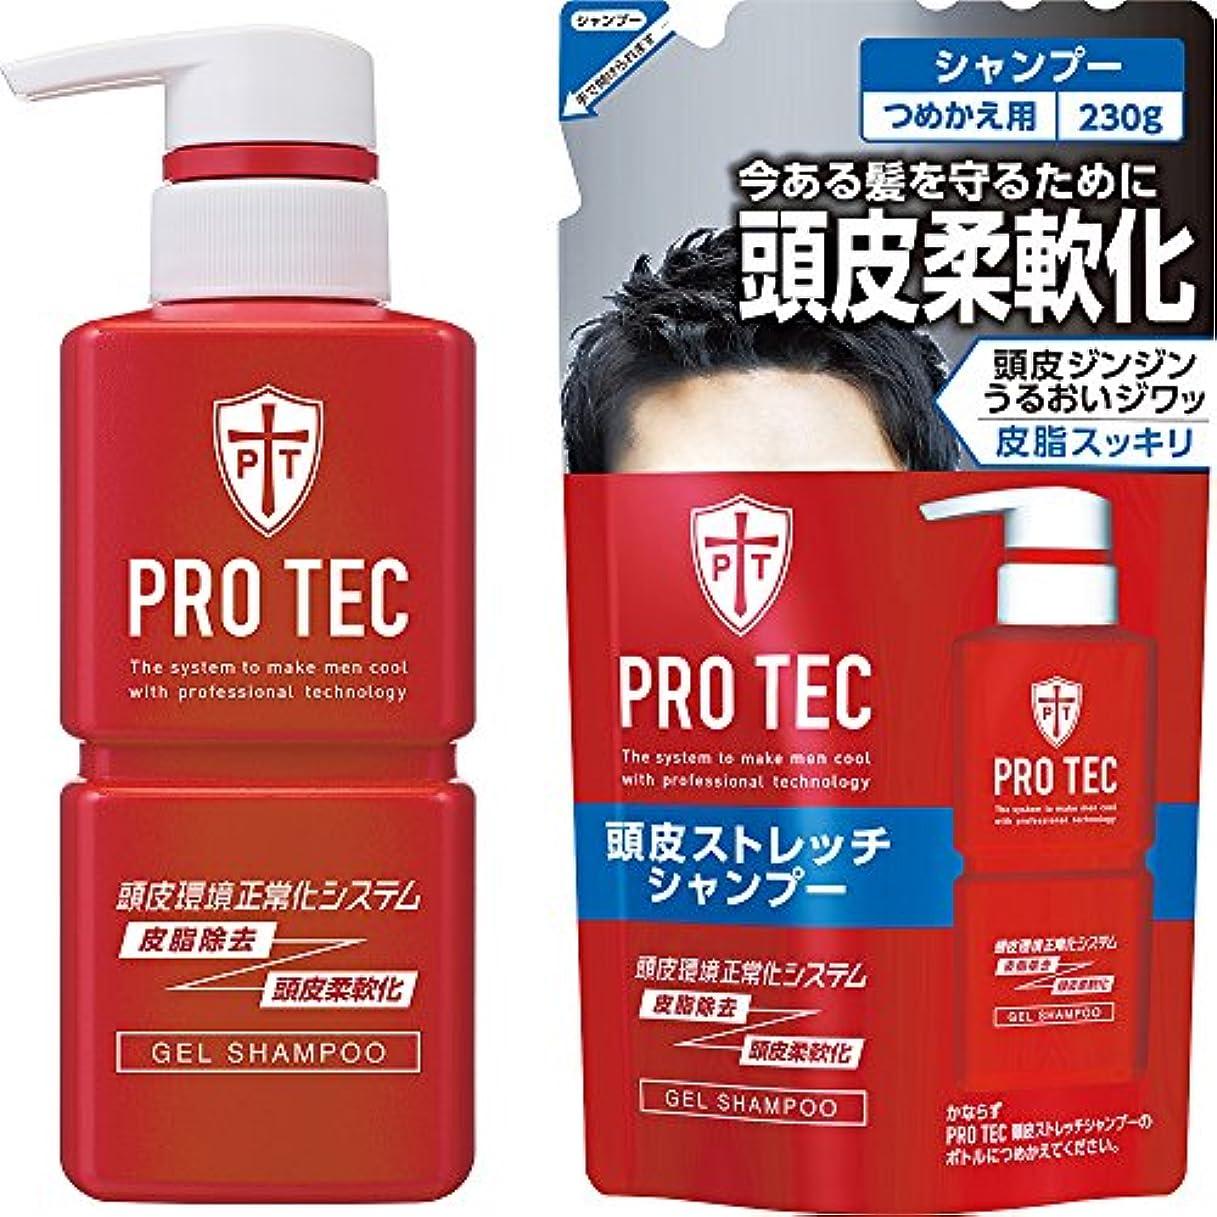 建設虹区画PRO TEC(プロテク) 頭皮ストレッチシャンプー 本体ポンプ300g+詰め替え230g セット(医薬部外品)